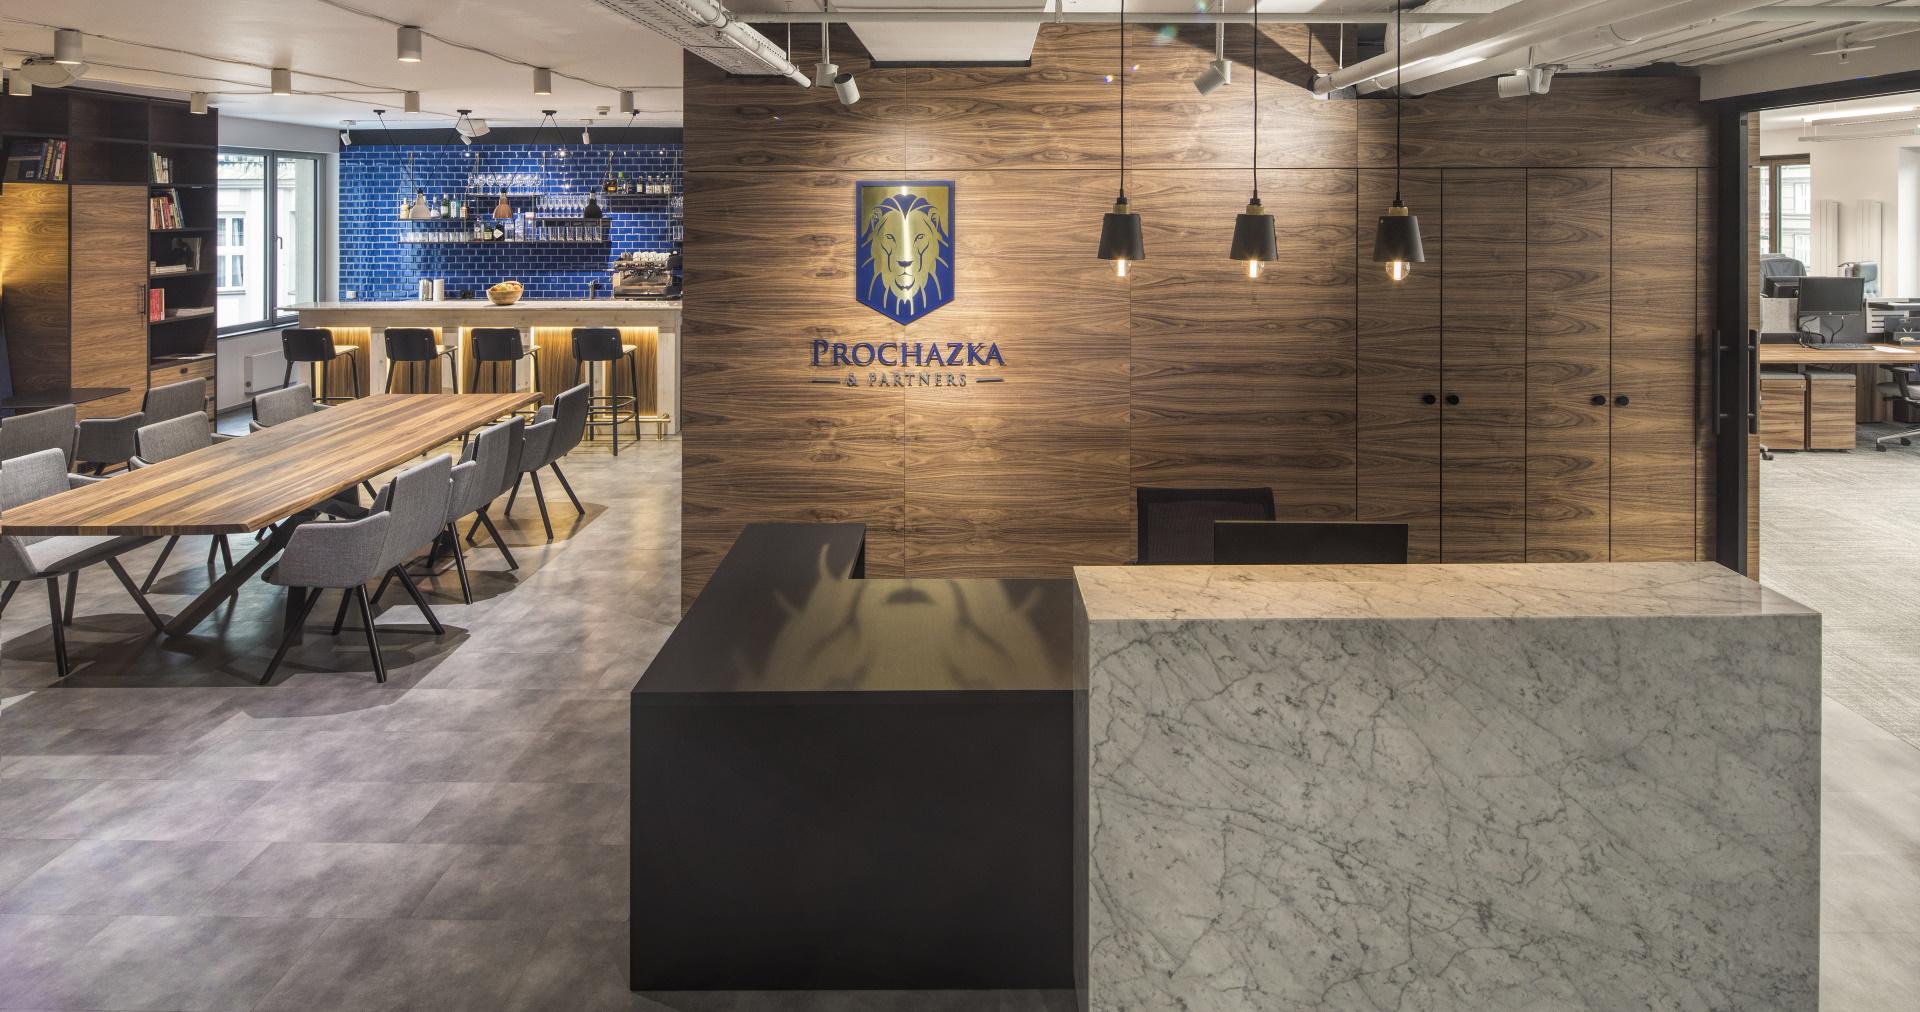 Recepce společnosti Prochazka & Partners